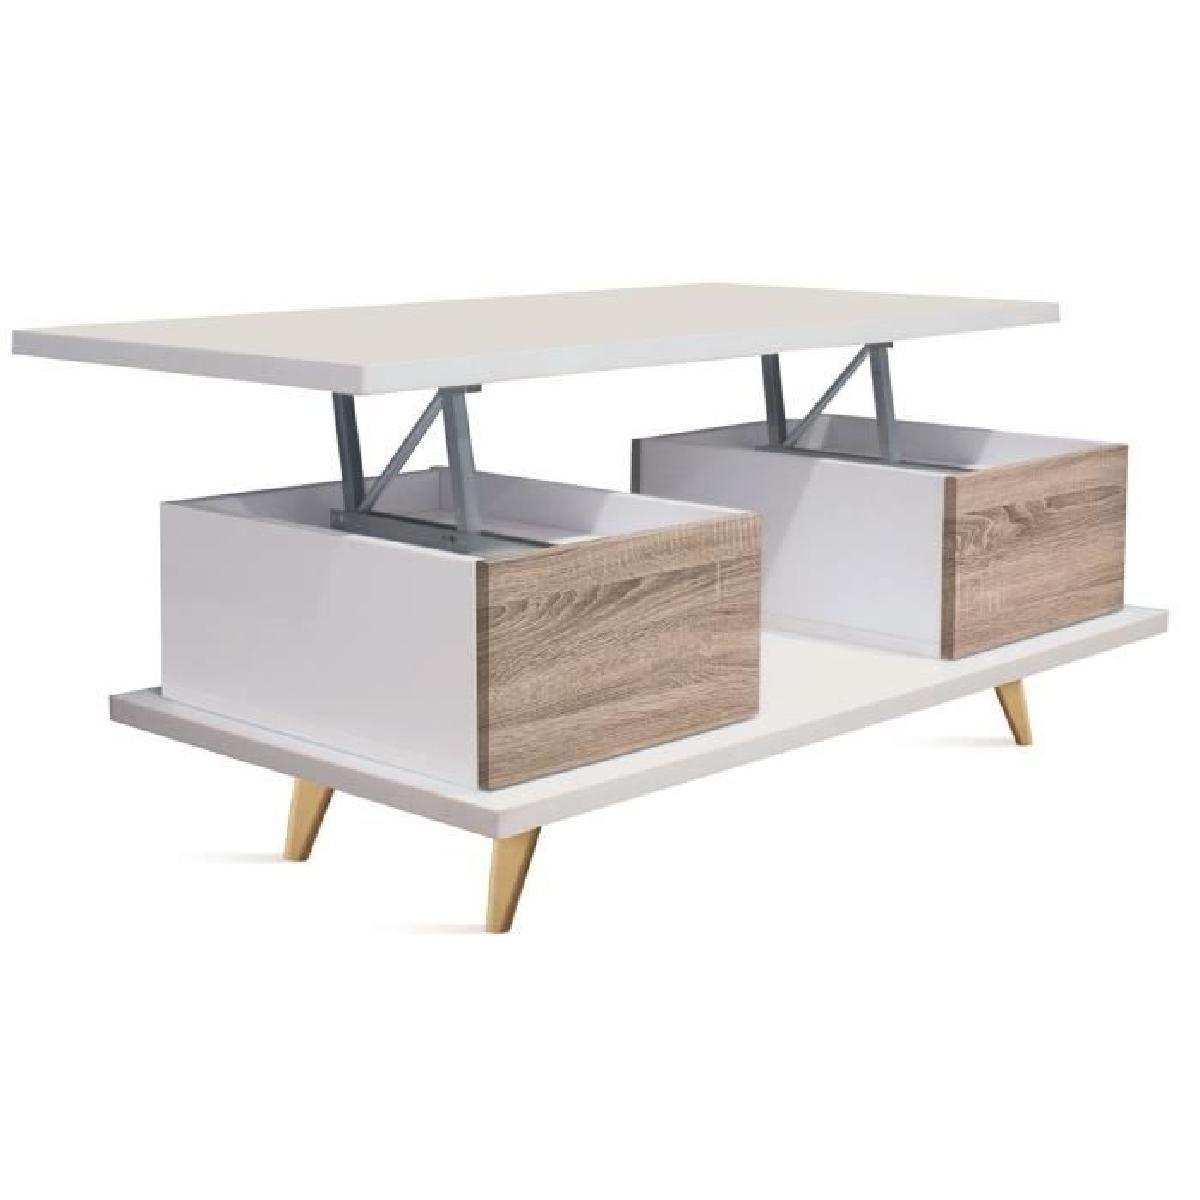 Table Basse Relevable En Bois Coloris Blanc Cambrian Dim L 100 X P 55 X H 39 52 Cm Table Basse Relevable Table Basse Table De Salon